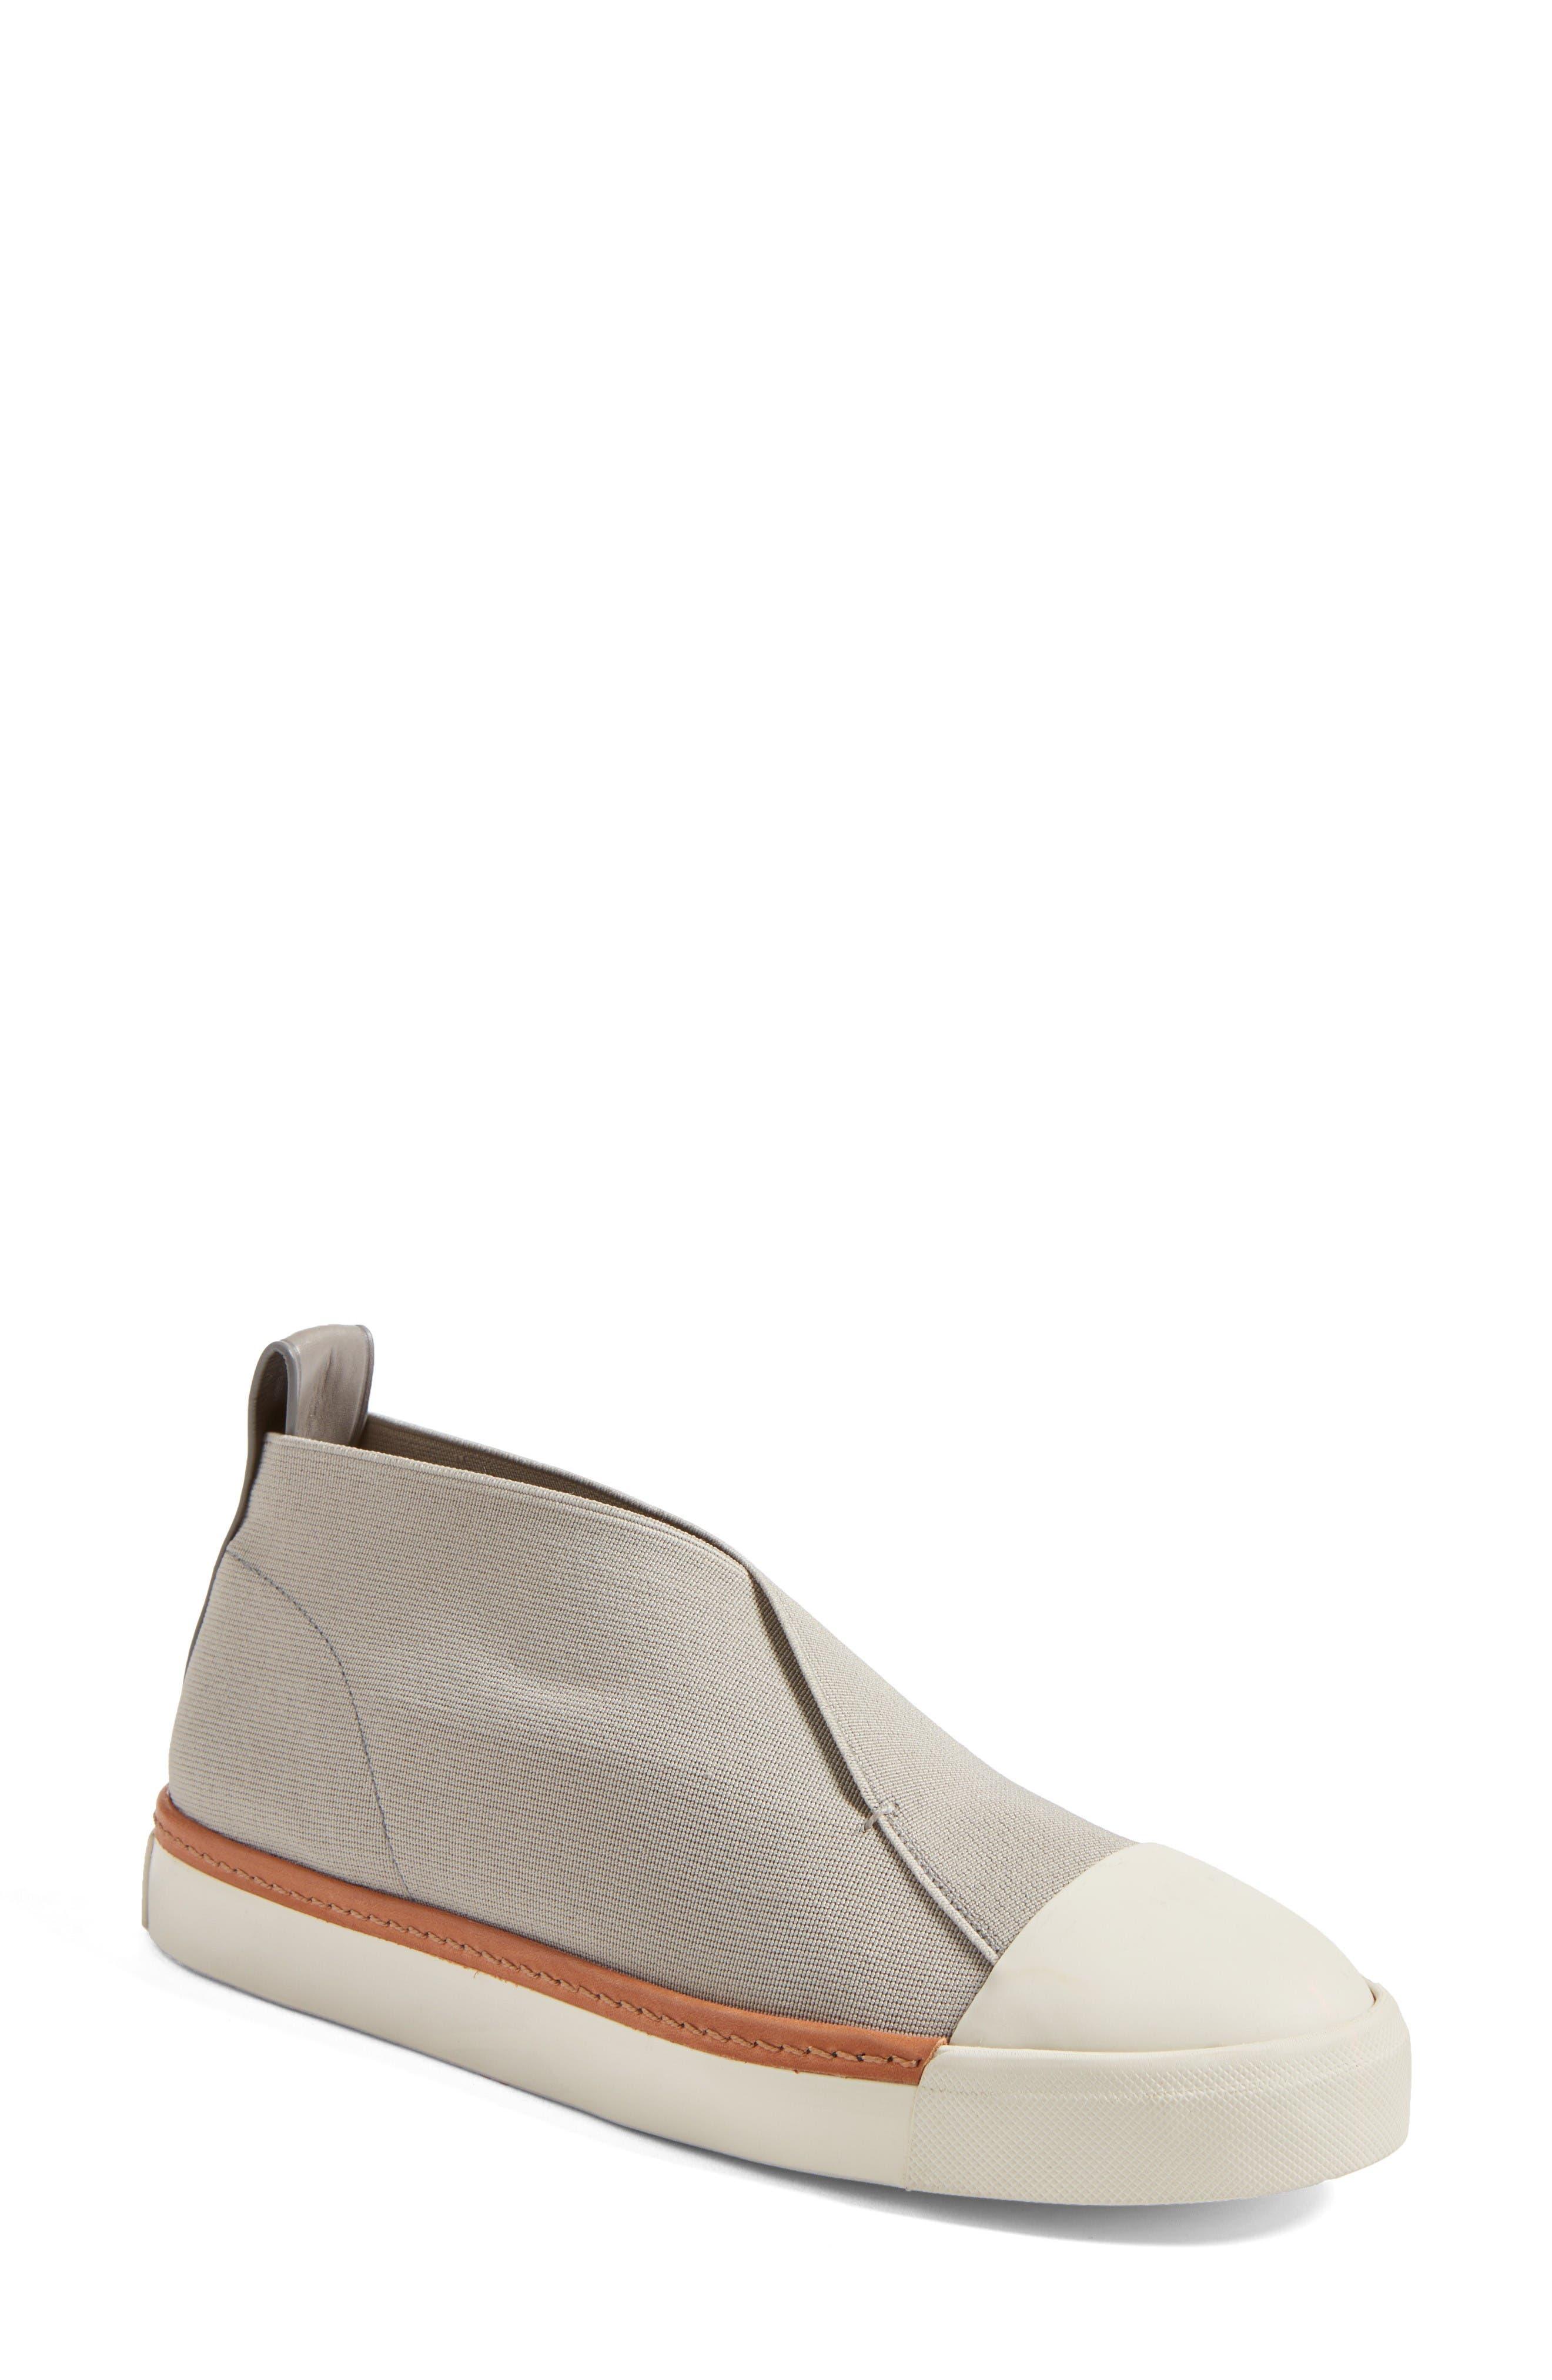 Alternate Image 1 Selected - Mercedes Castillo Thana Slip-On Sneaker (Women)